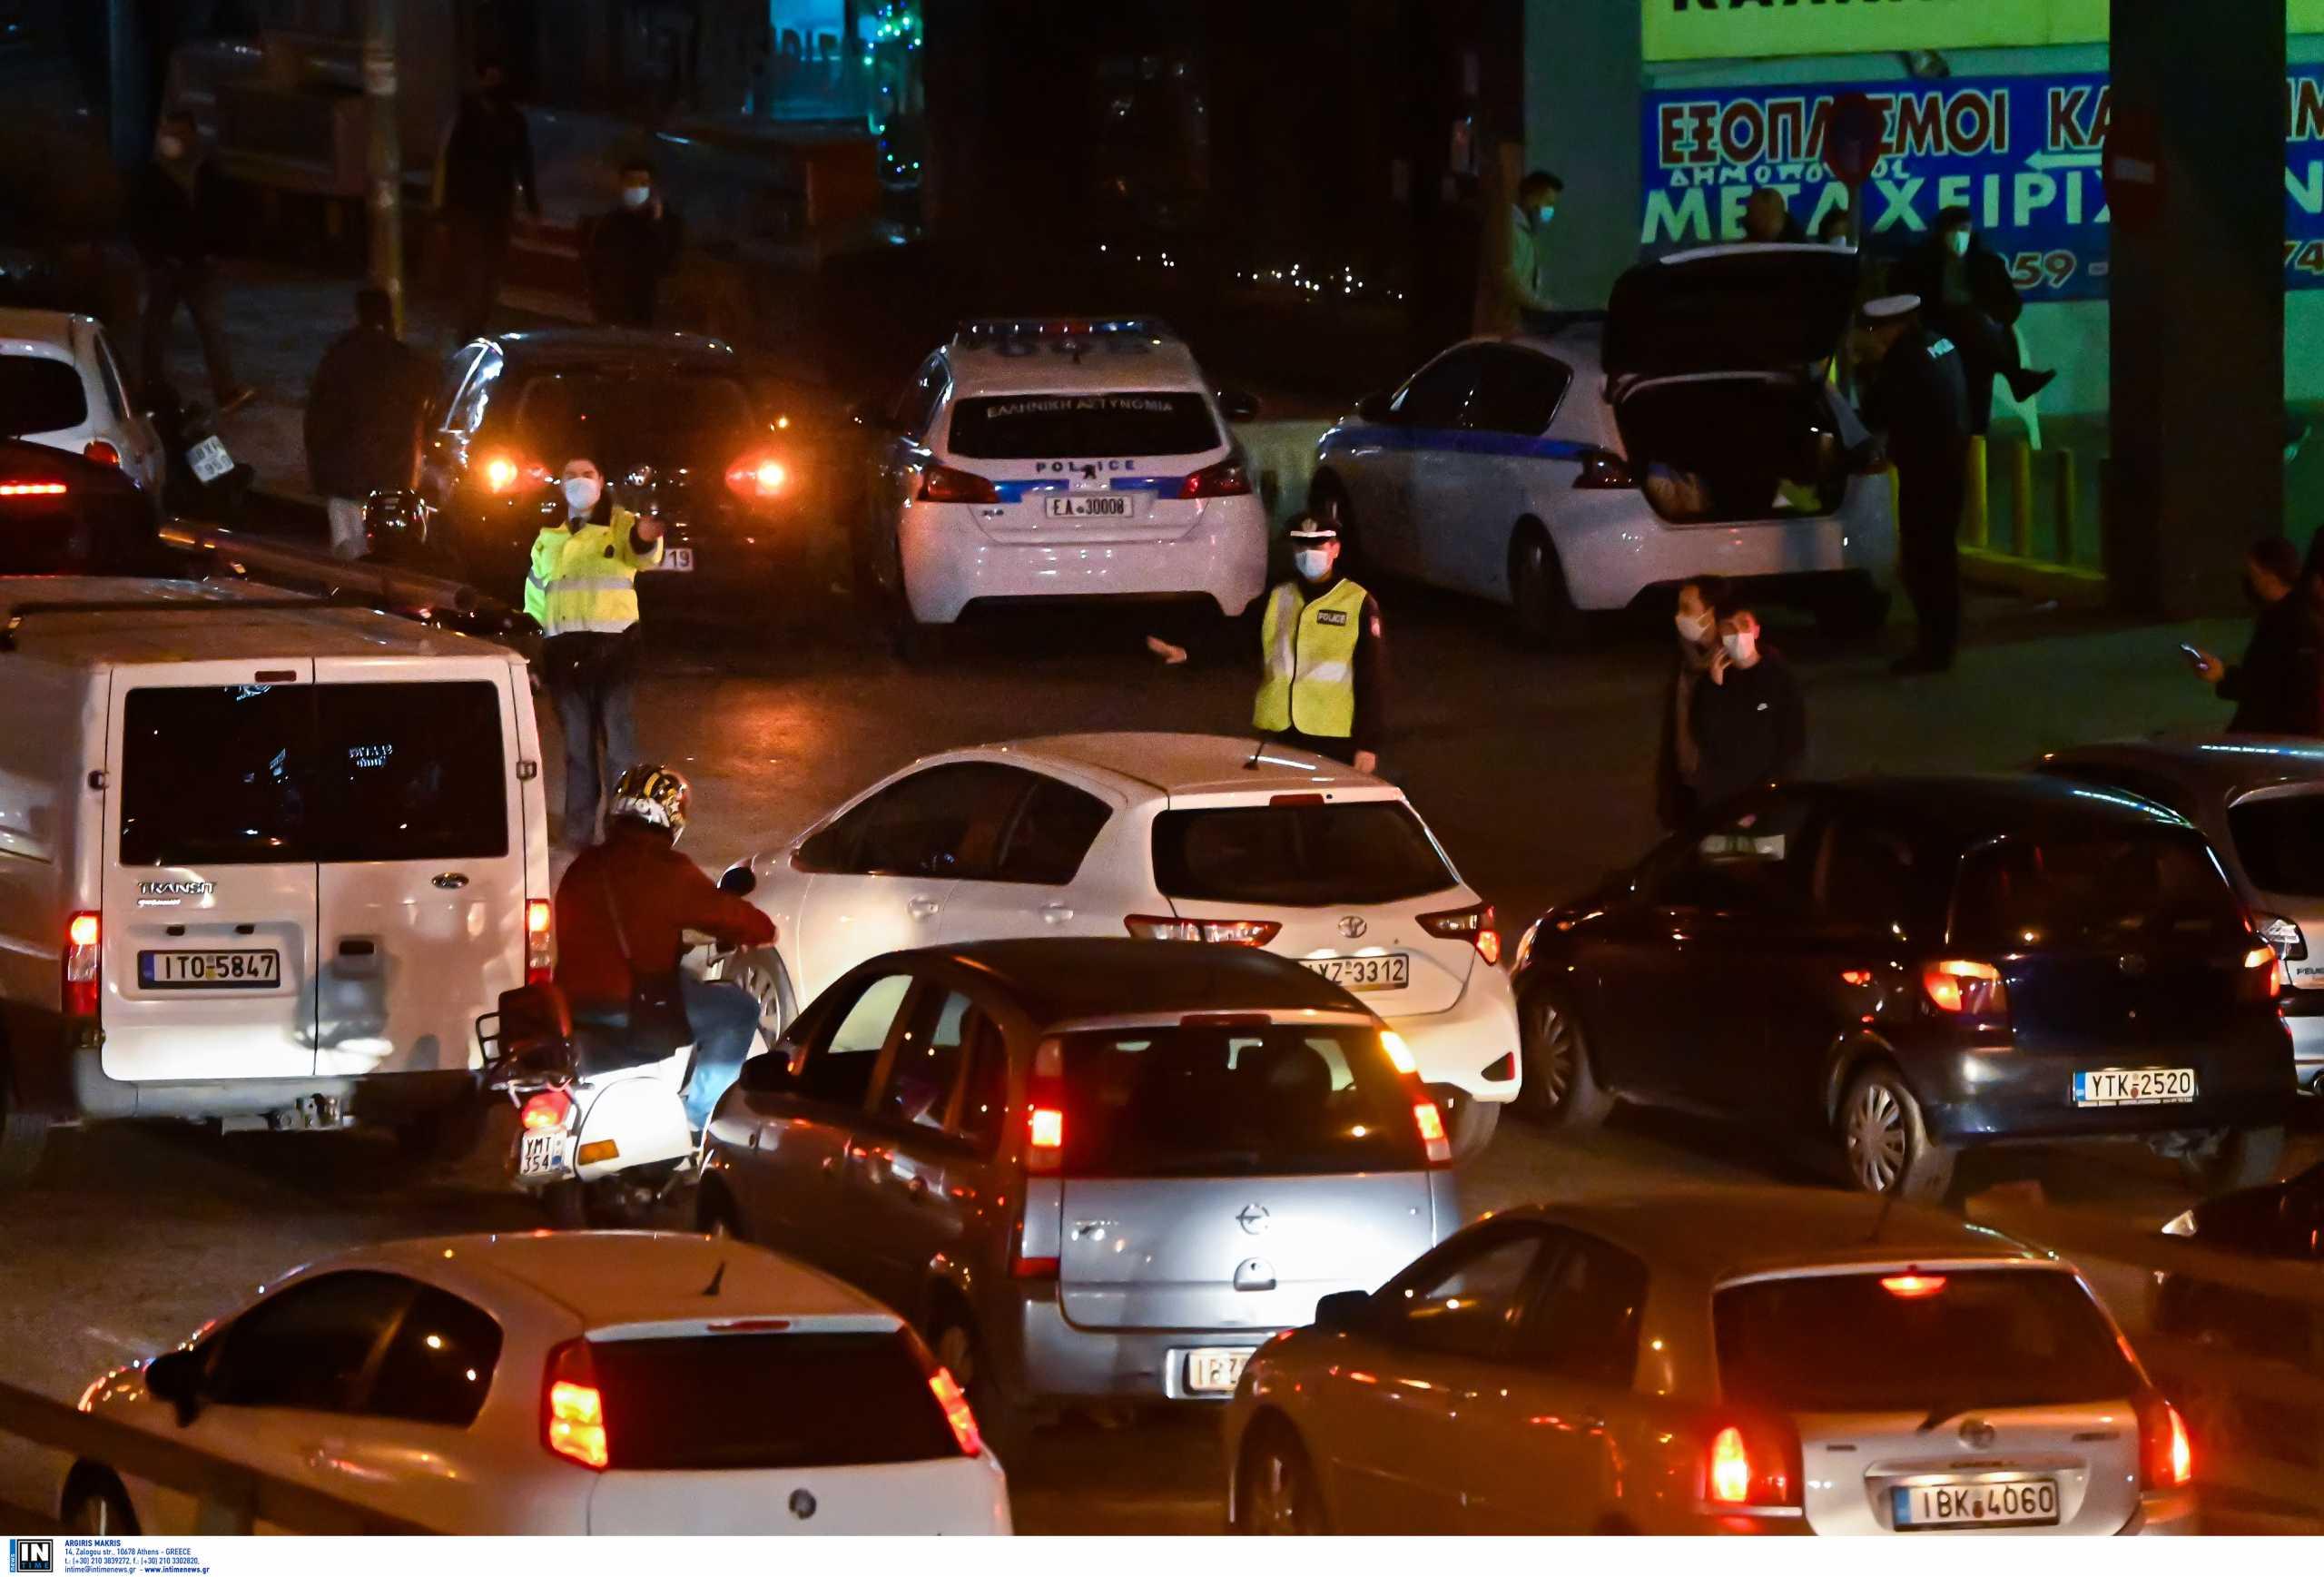 Χωρίς παράβολα η αντικατάσταση αδειών οδήγησης που χάθηκαν στον σεισμό σε Λάρισα και Τρίκαλα